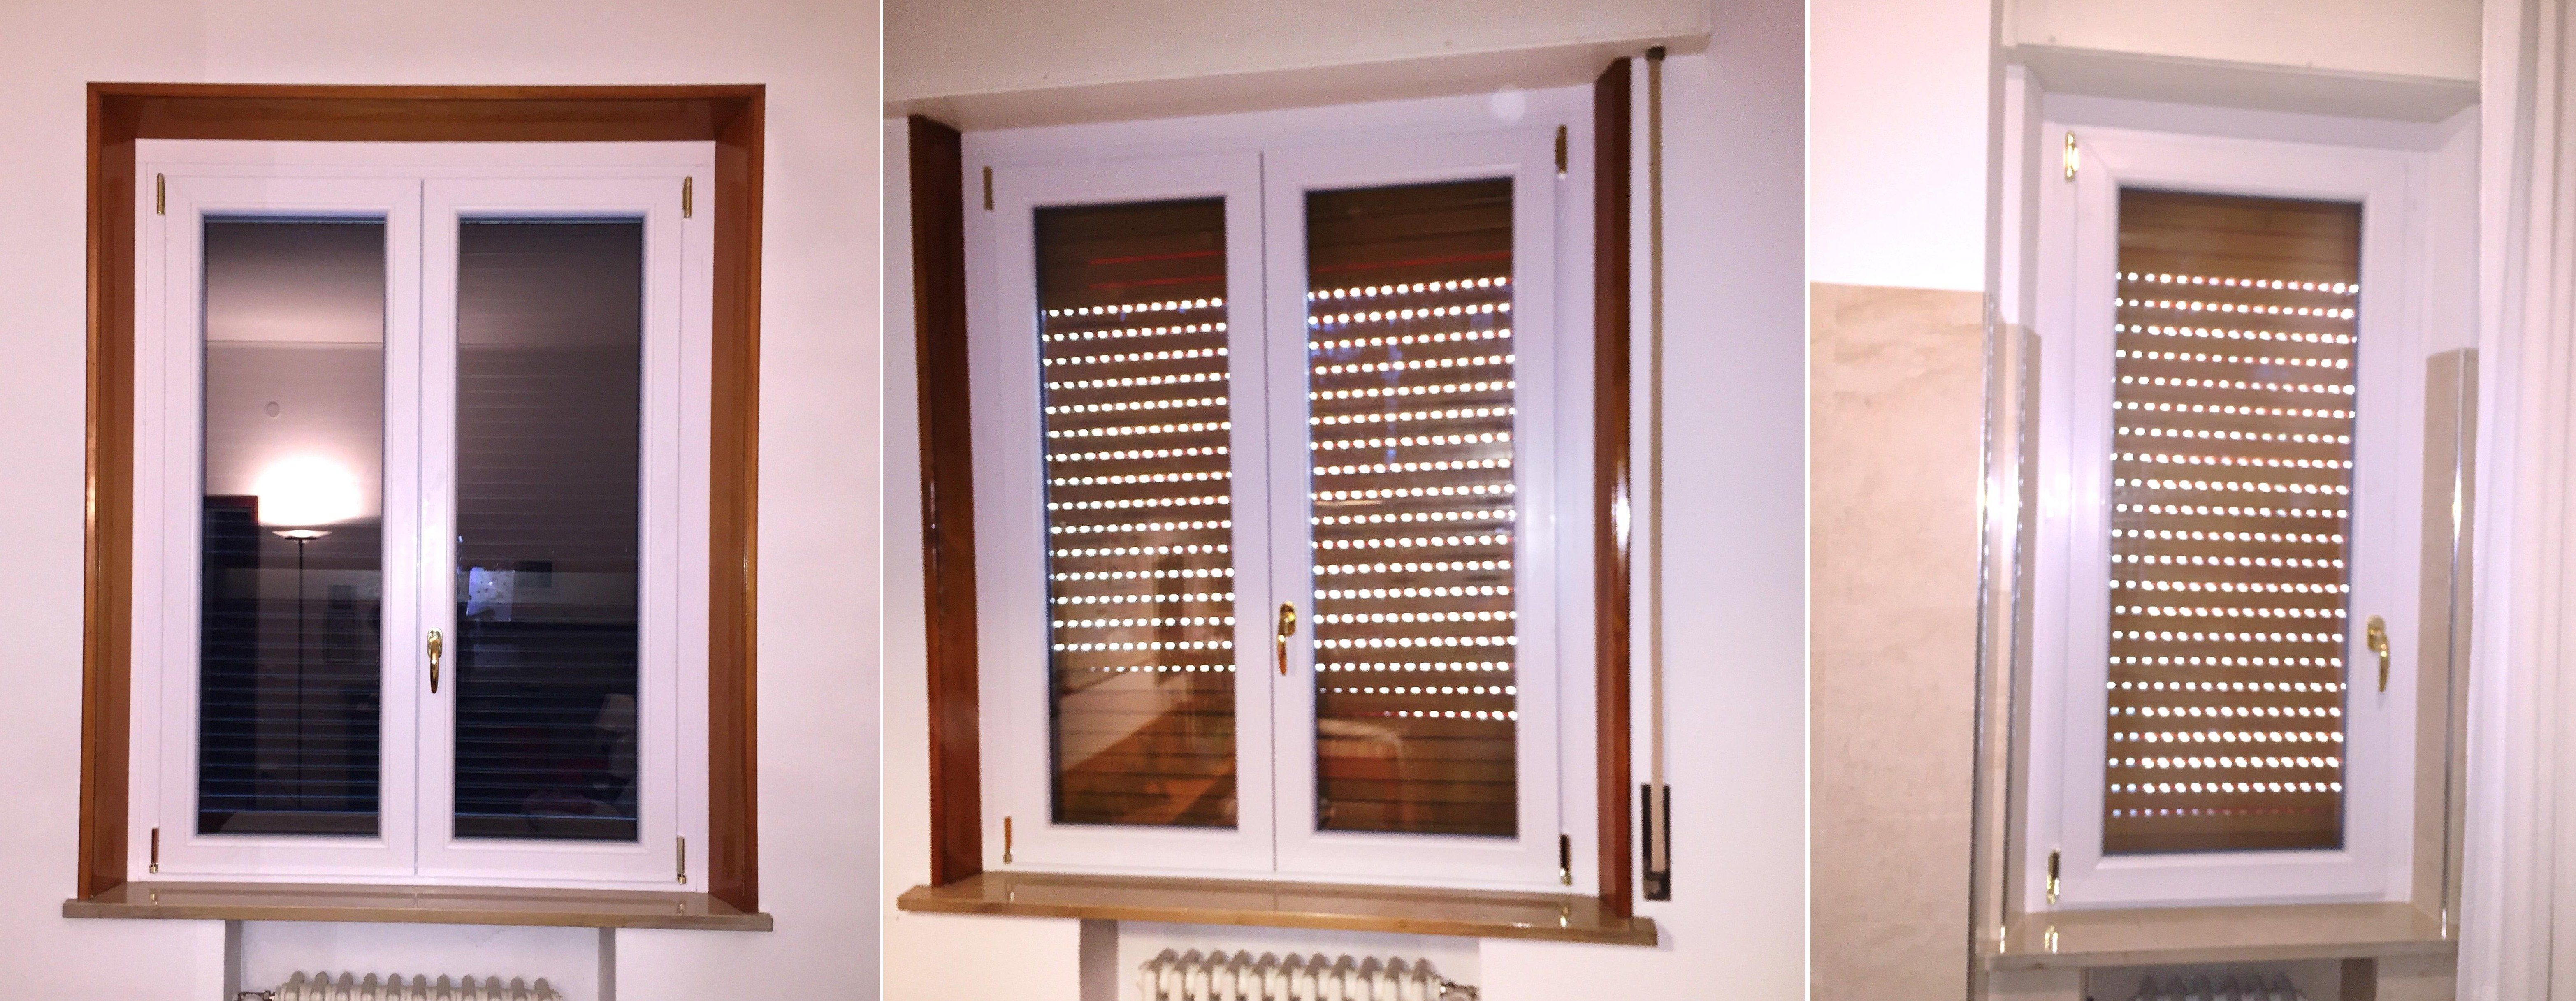 Sostituzione serramenti in PVC bicolore , abitazione a Cremona.